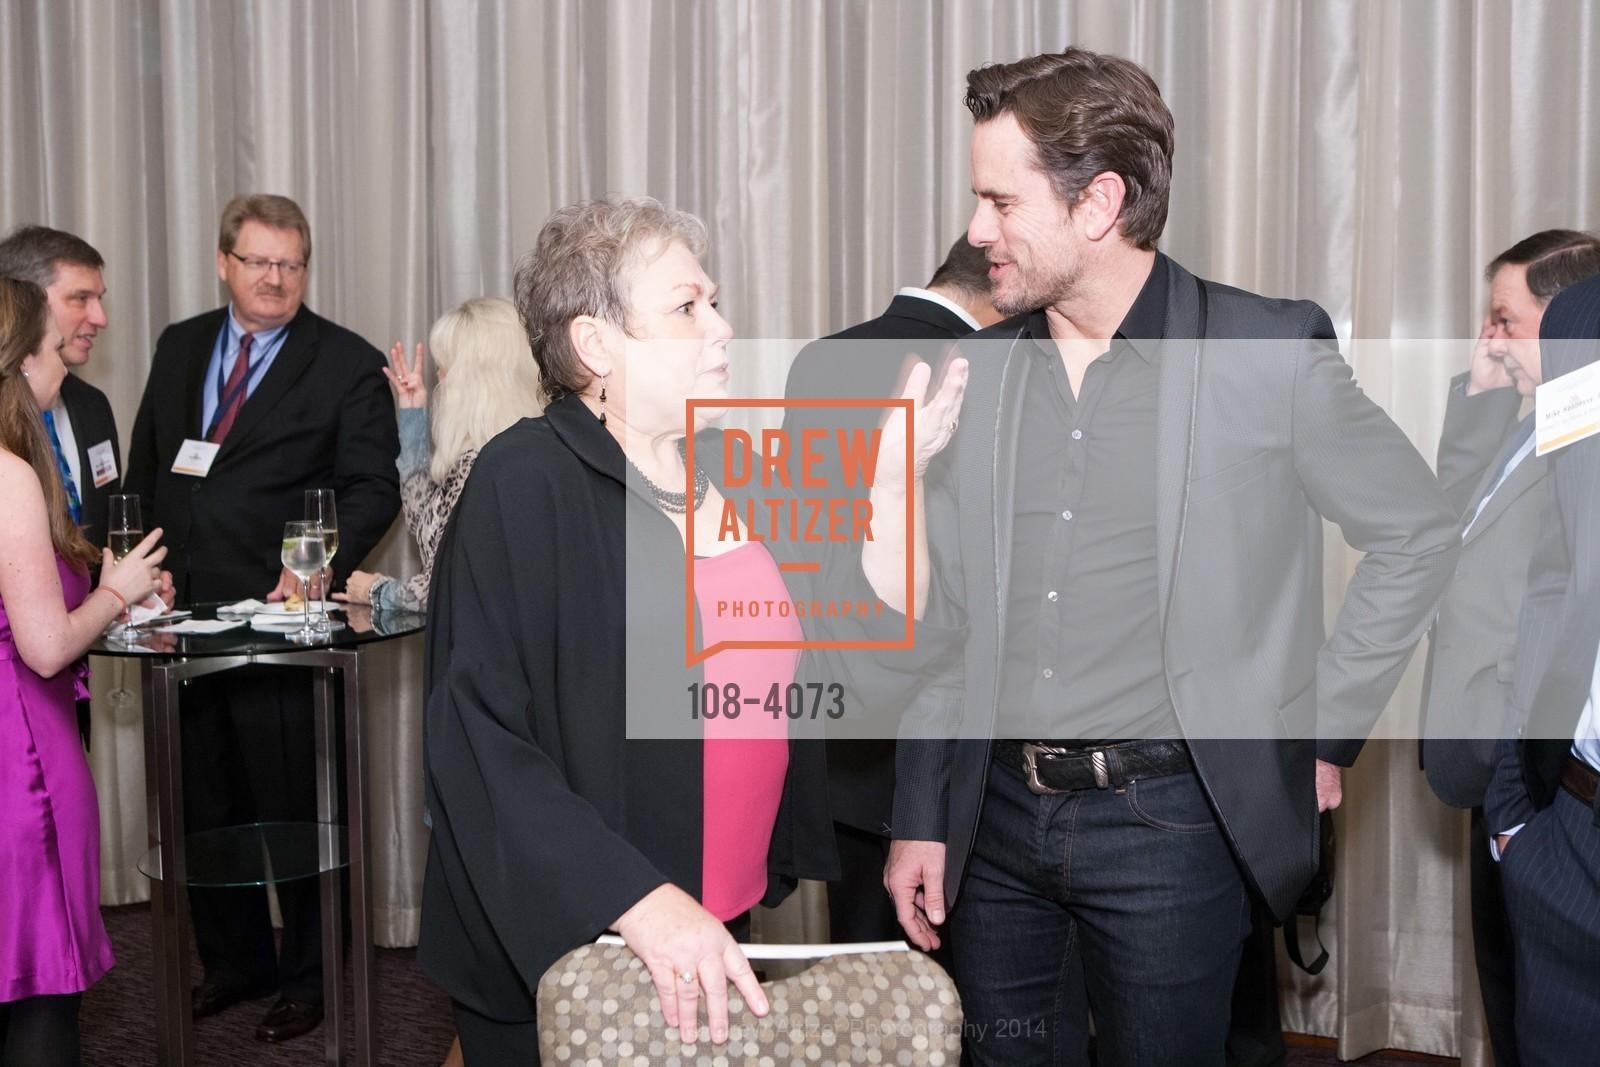 Kathy LaTour, Charles Esten, Photo #108-4073